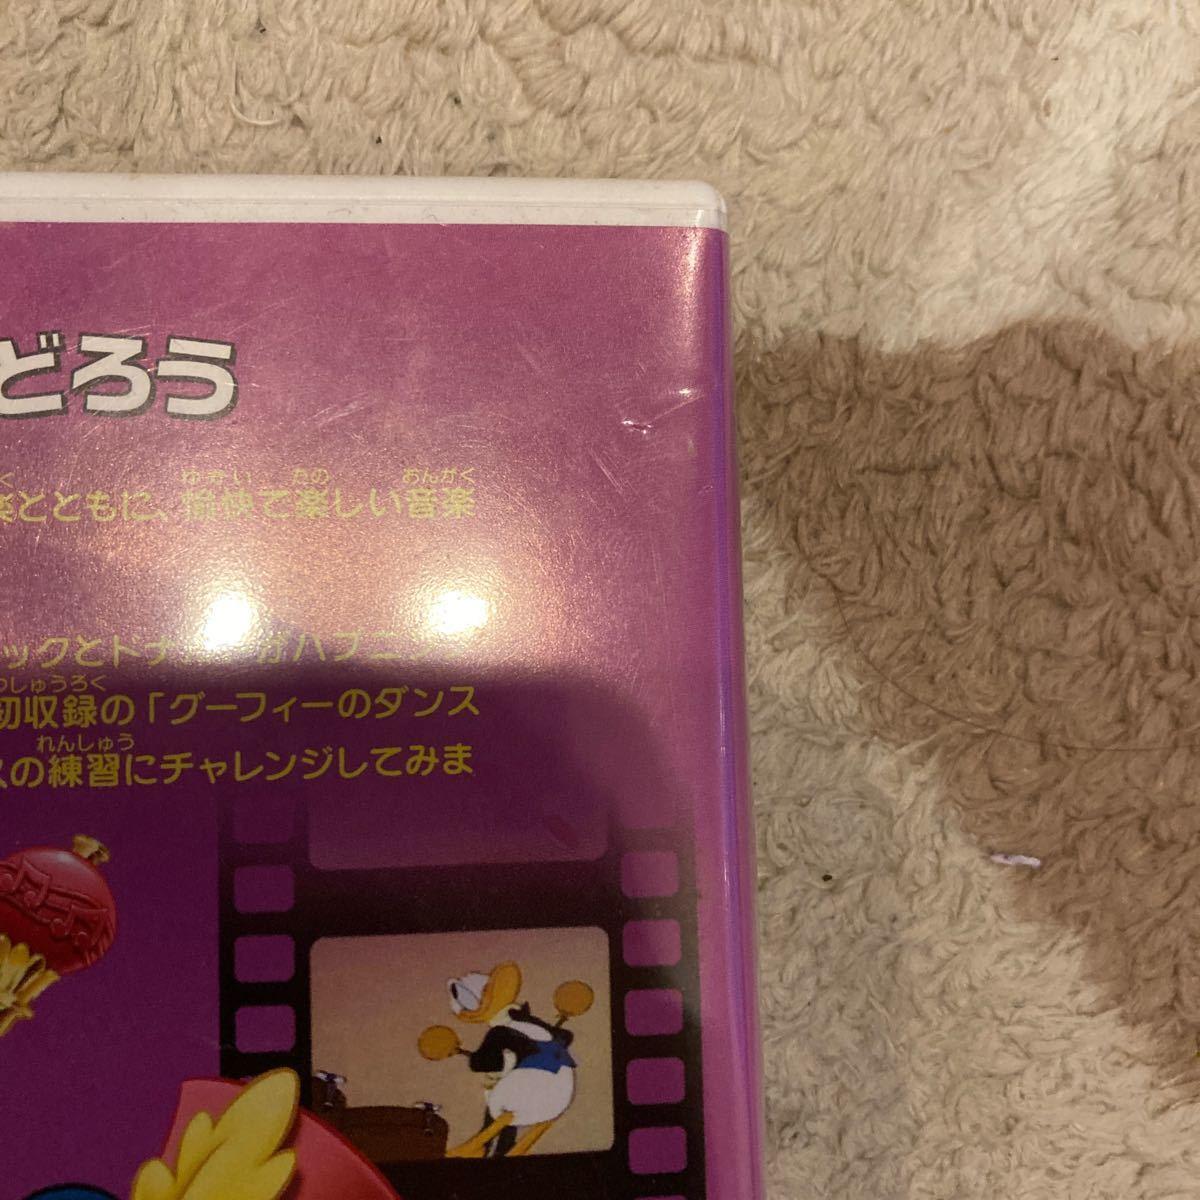 ディズニーのミュージック・ファン / ディズニー (DVD)